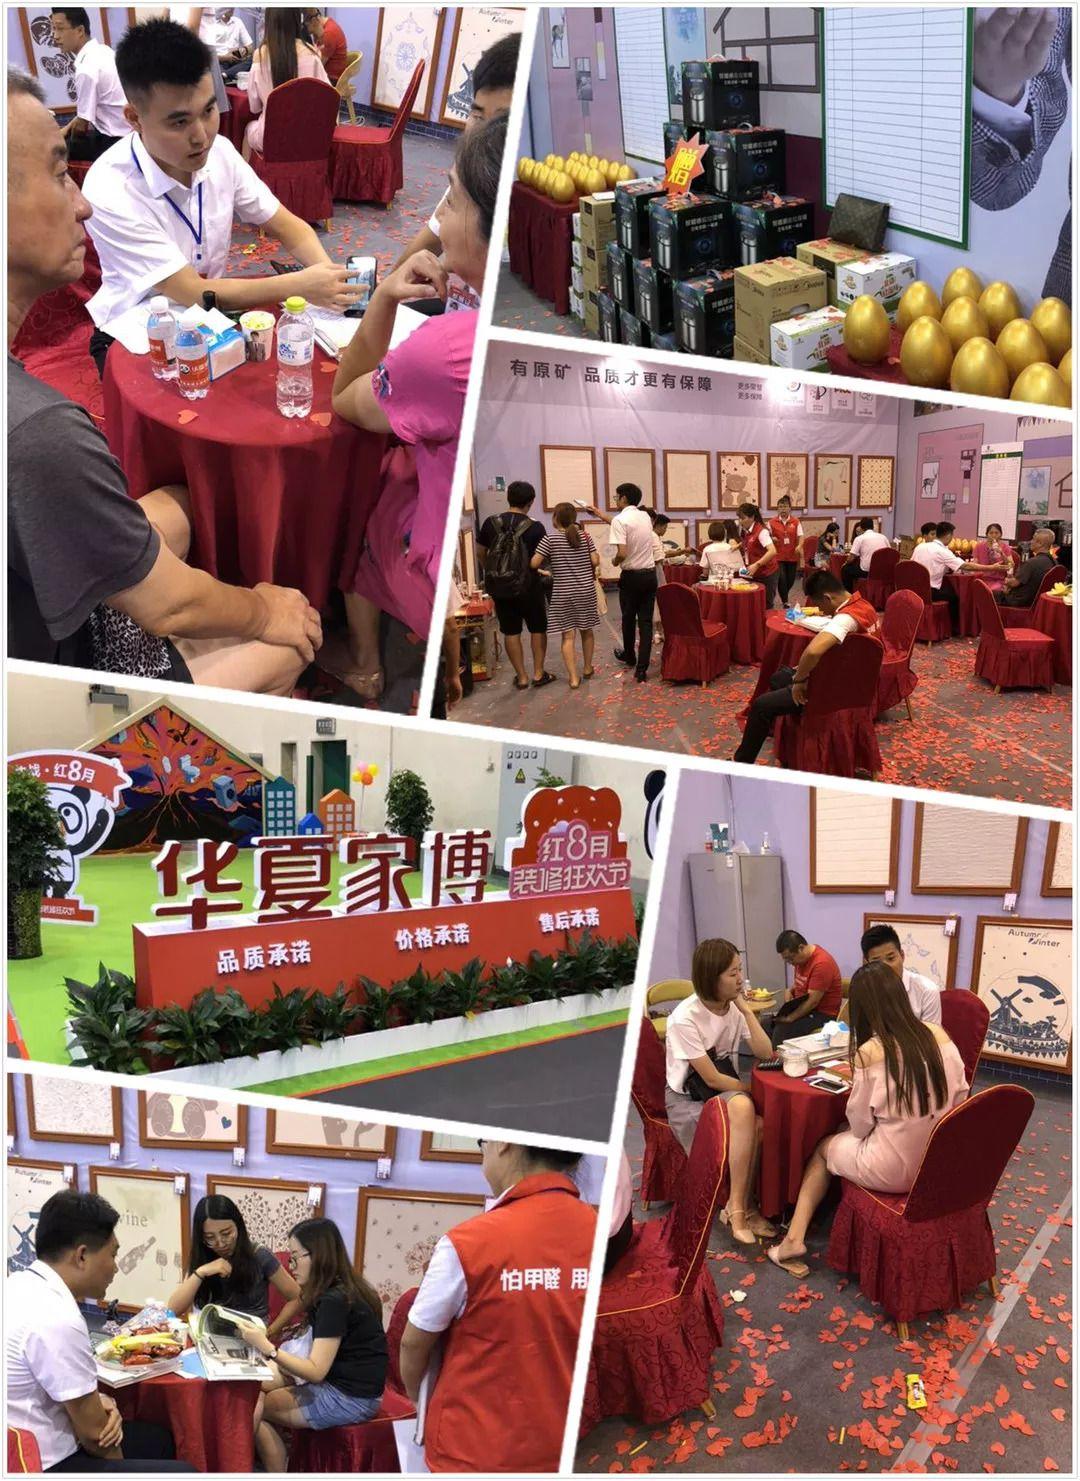 中国华夏家博会活动